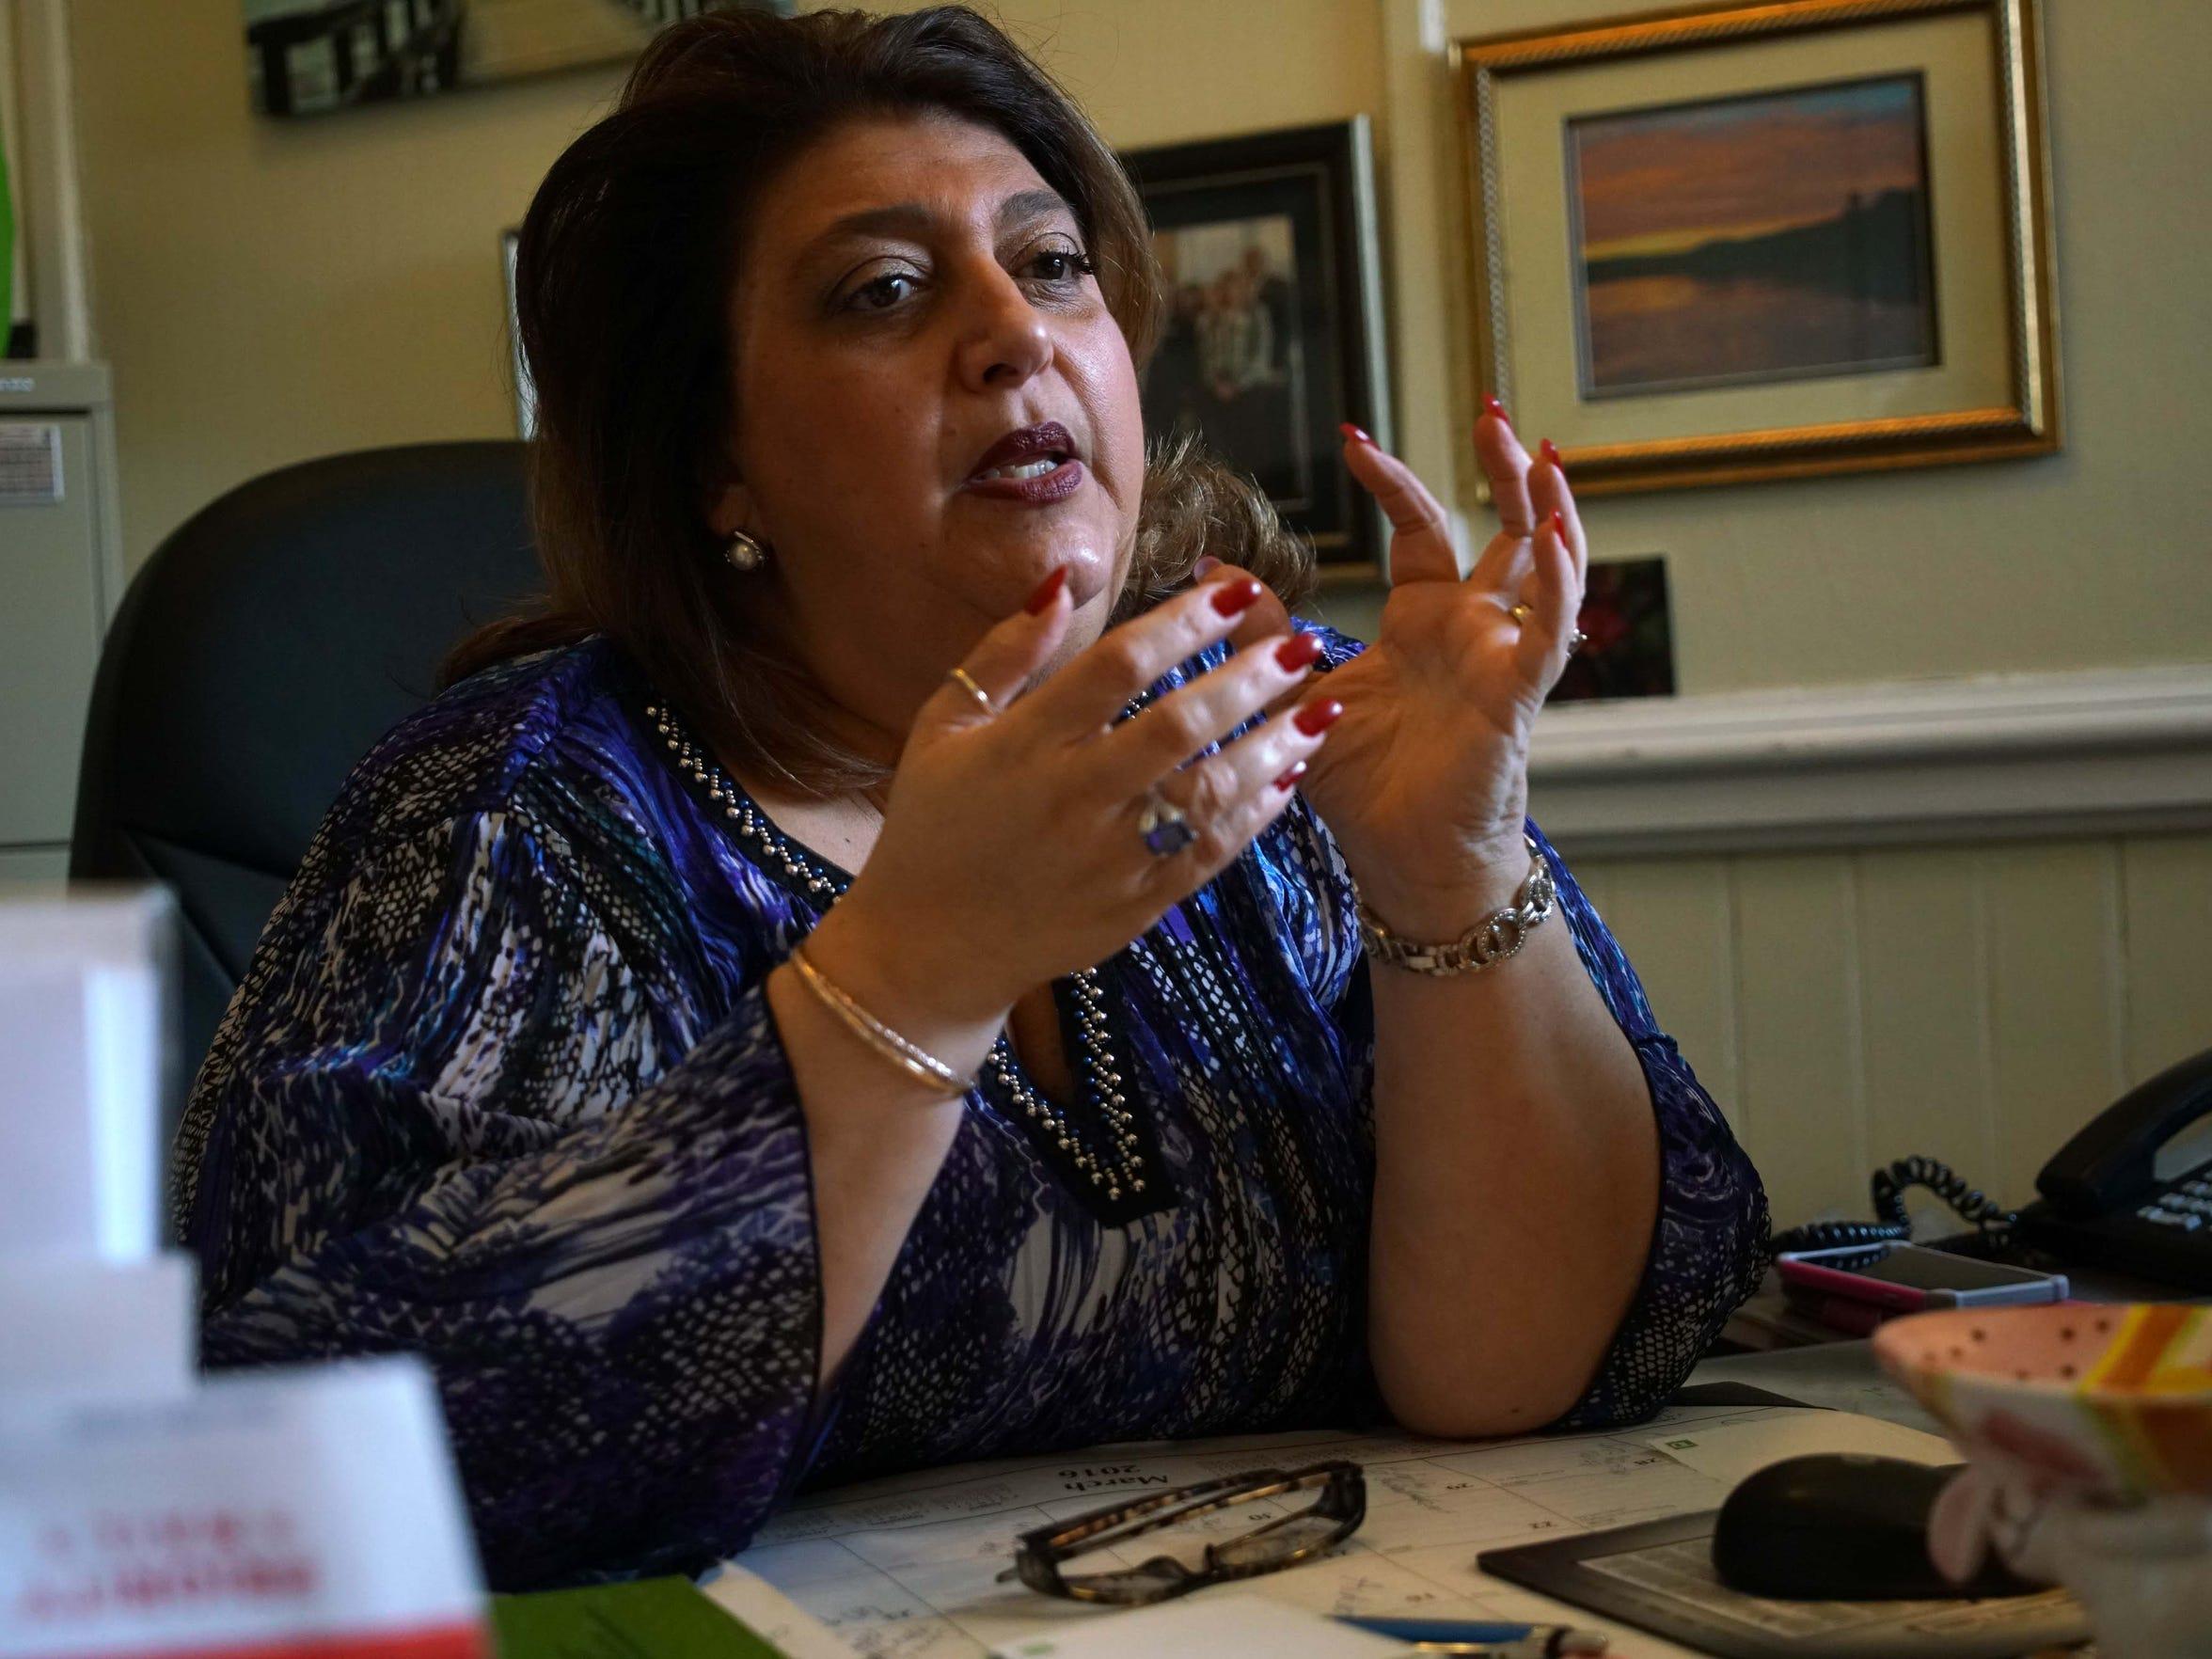 Sefatia Romeo Theken, mayor of Gloucester, Mass., talks